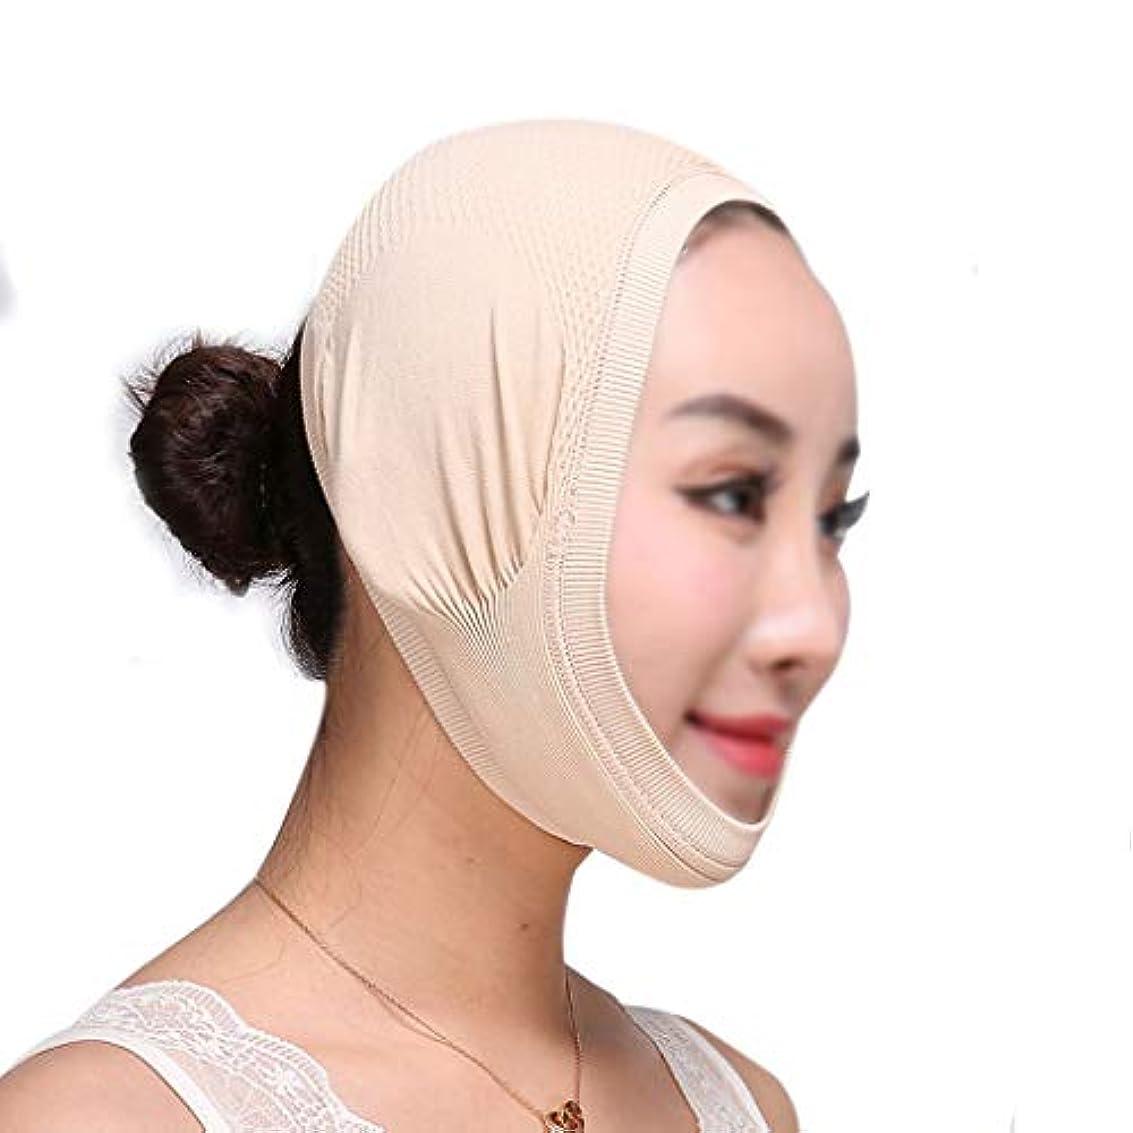 フクロウ行き当たりばったり続ける整形外科病院ライン彫刻術後回復ヘッドギア医療マスク睡眠vフェイスリフティング包帯薄いフェイスマスク (Size : Skin tone(B))